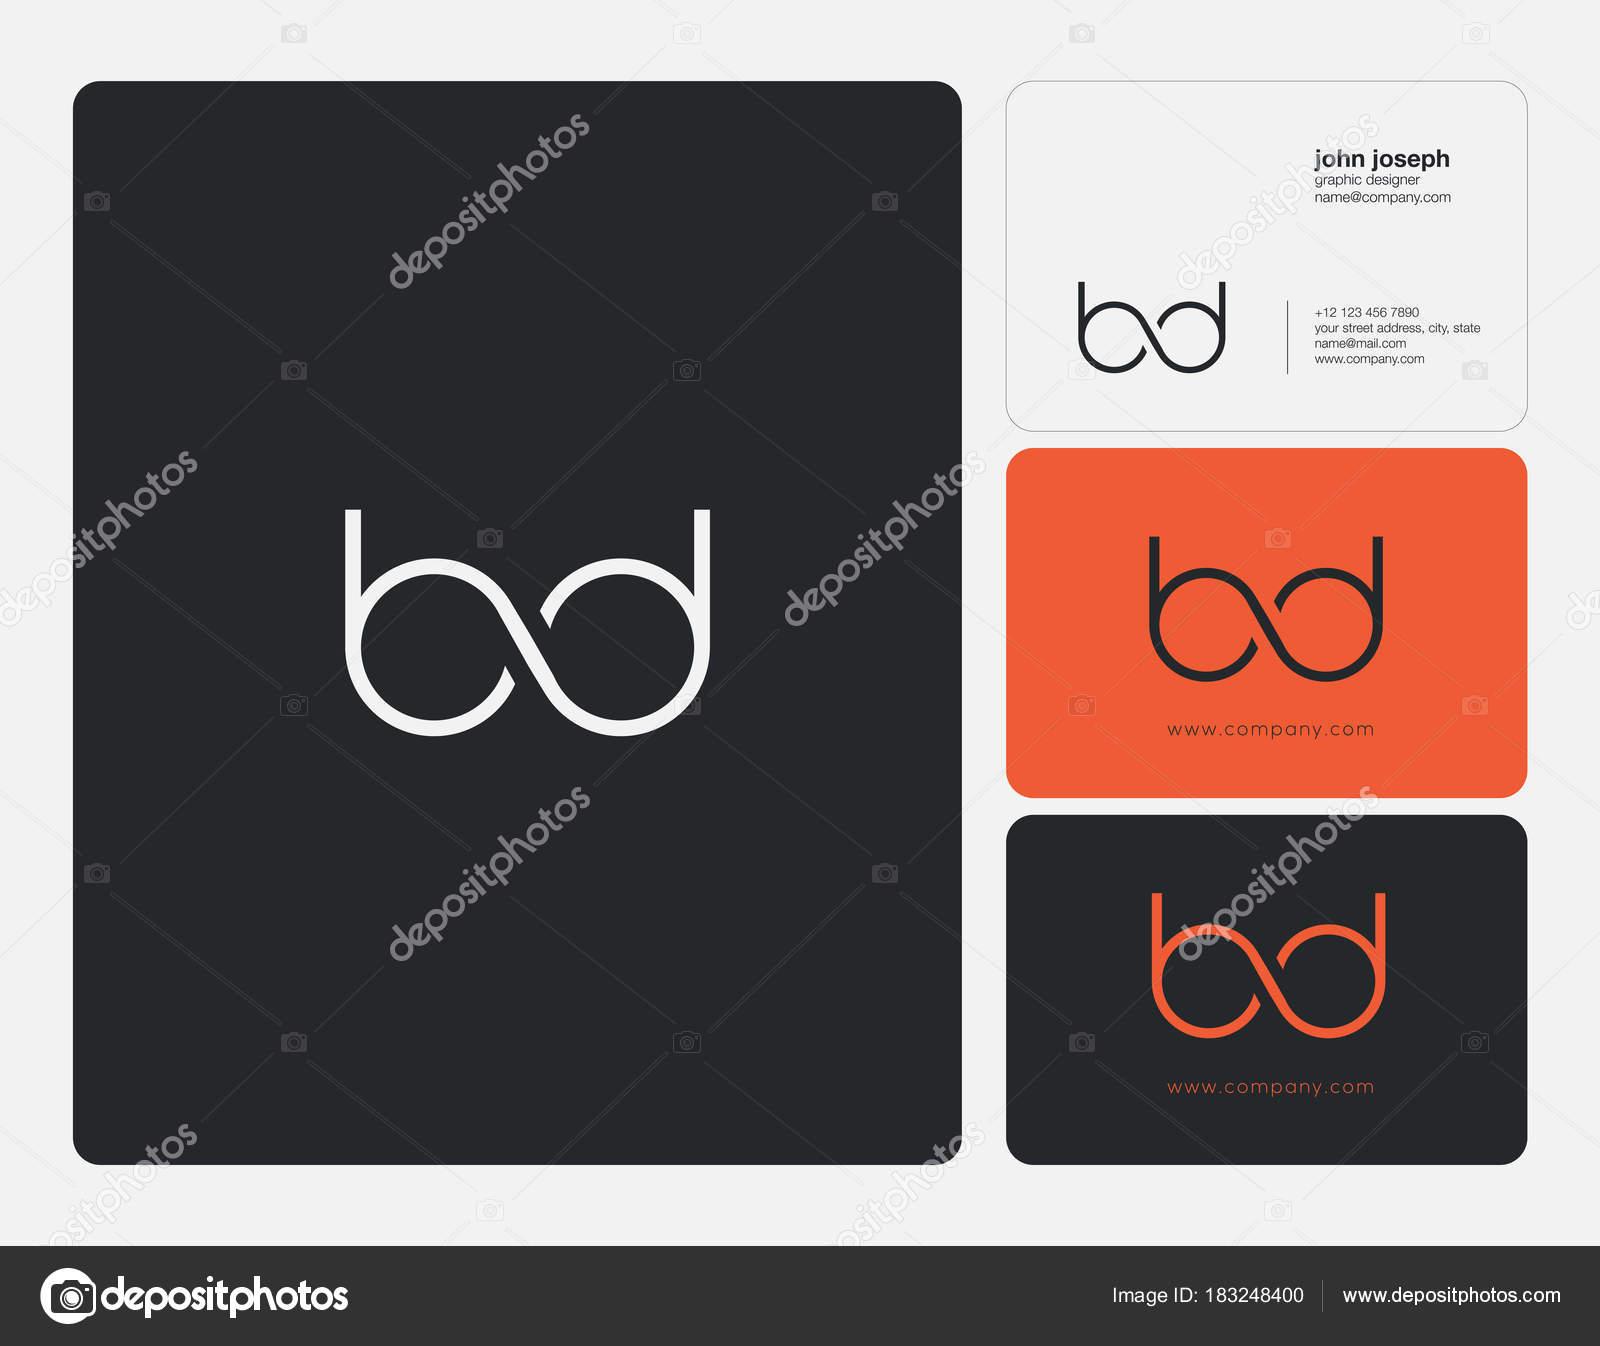 Lettres De BD Mixte Icone Du Logo Avec Modele Vecteur Carte Visite Illustration Stock